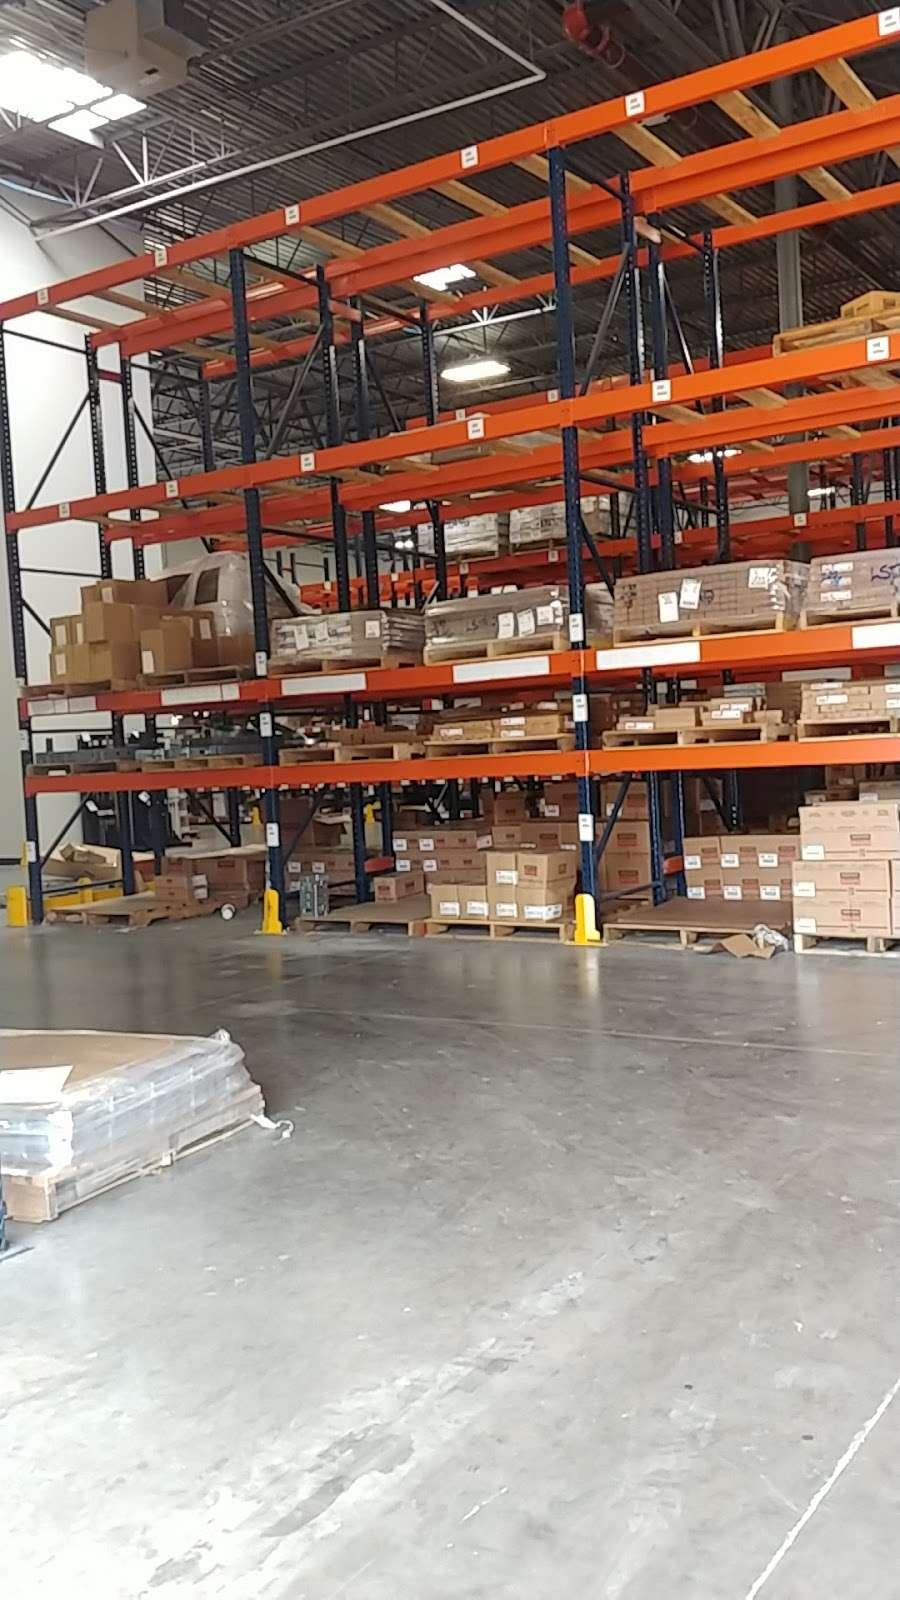 Simpson Strong Tie - storage  | Photo 1 of 1 | Address: 10511 Kipp Way St, Houston, TX 77099, USA